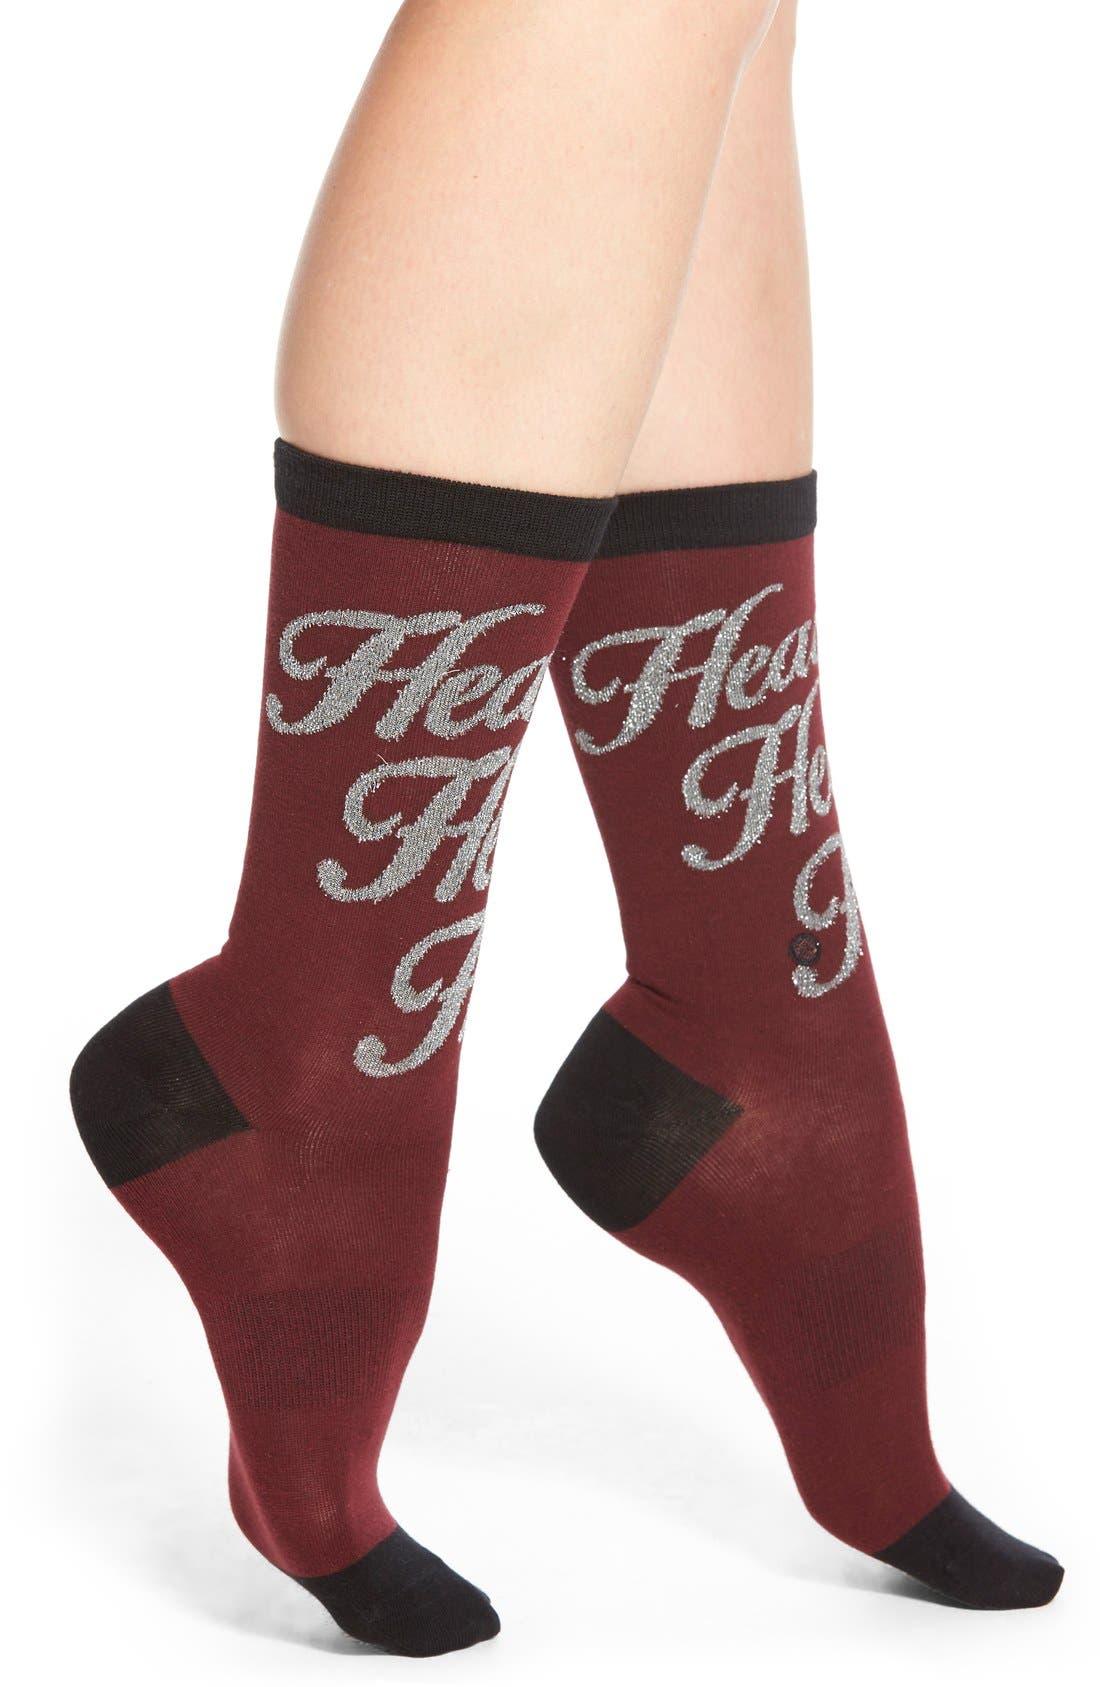 Main Image - Stance x Rihanna 'Heaux Heaux Heaux' Metallic Crew Socks